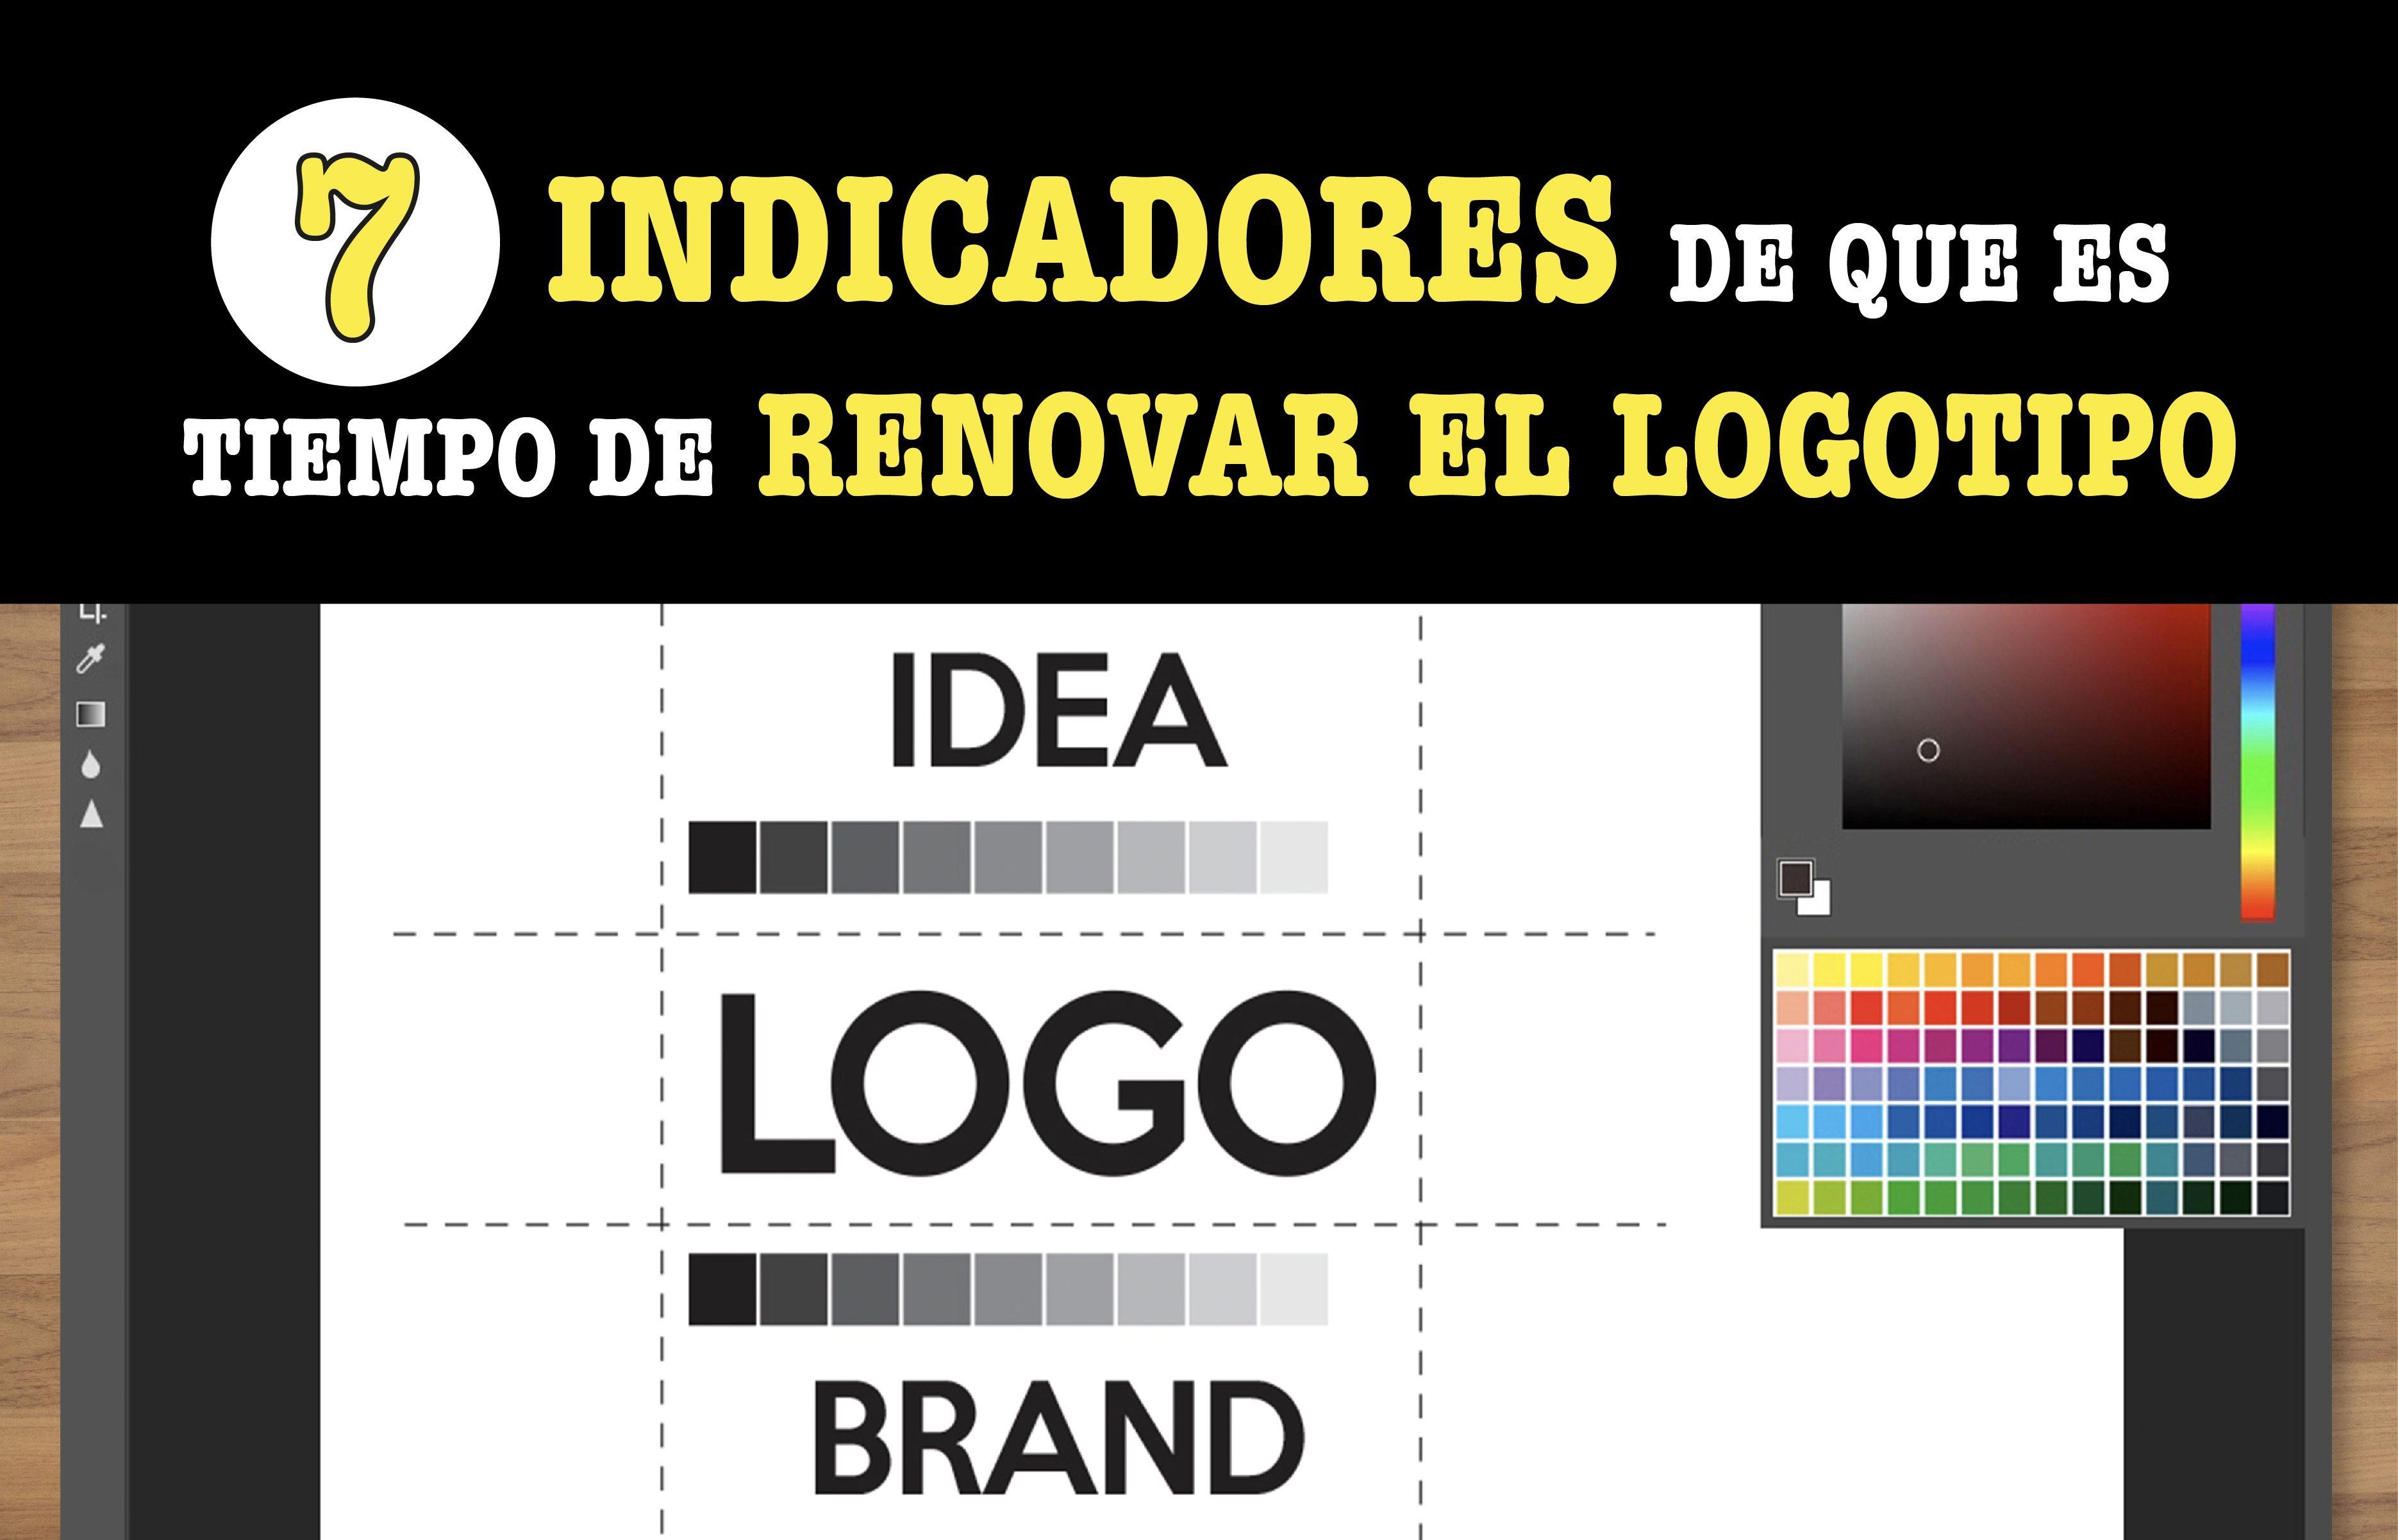 ¿Reconoces cuando es el momento exacto de renovar el logotipo de tu marca? Te decimos 7 señales que debes tomar en cuenta.